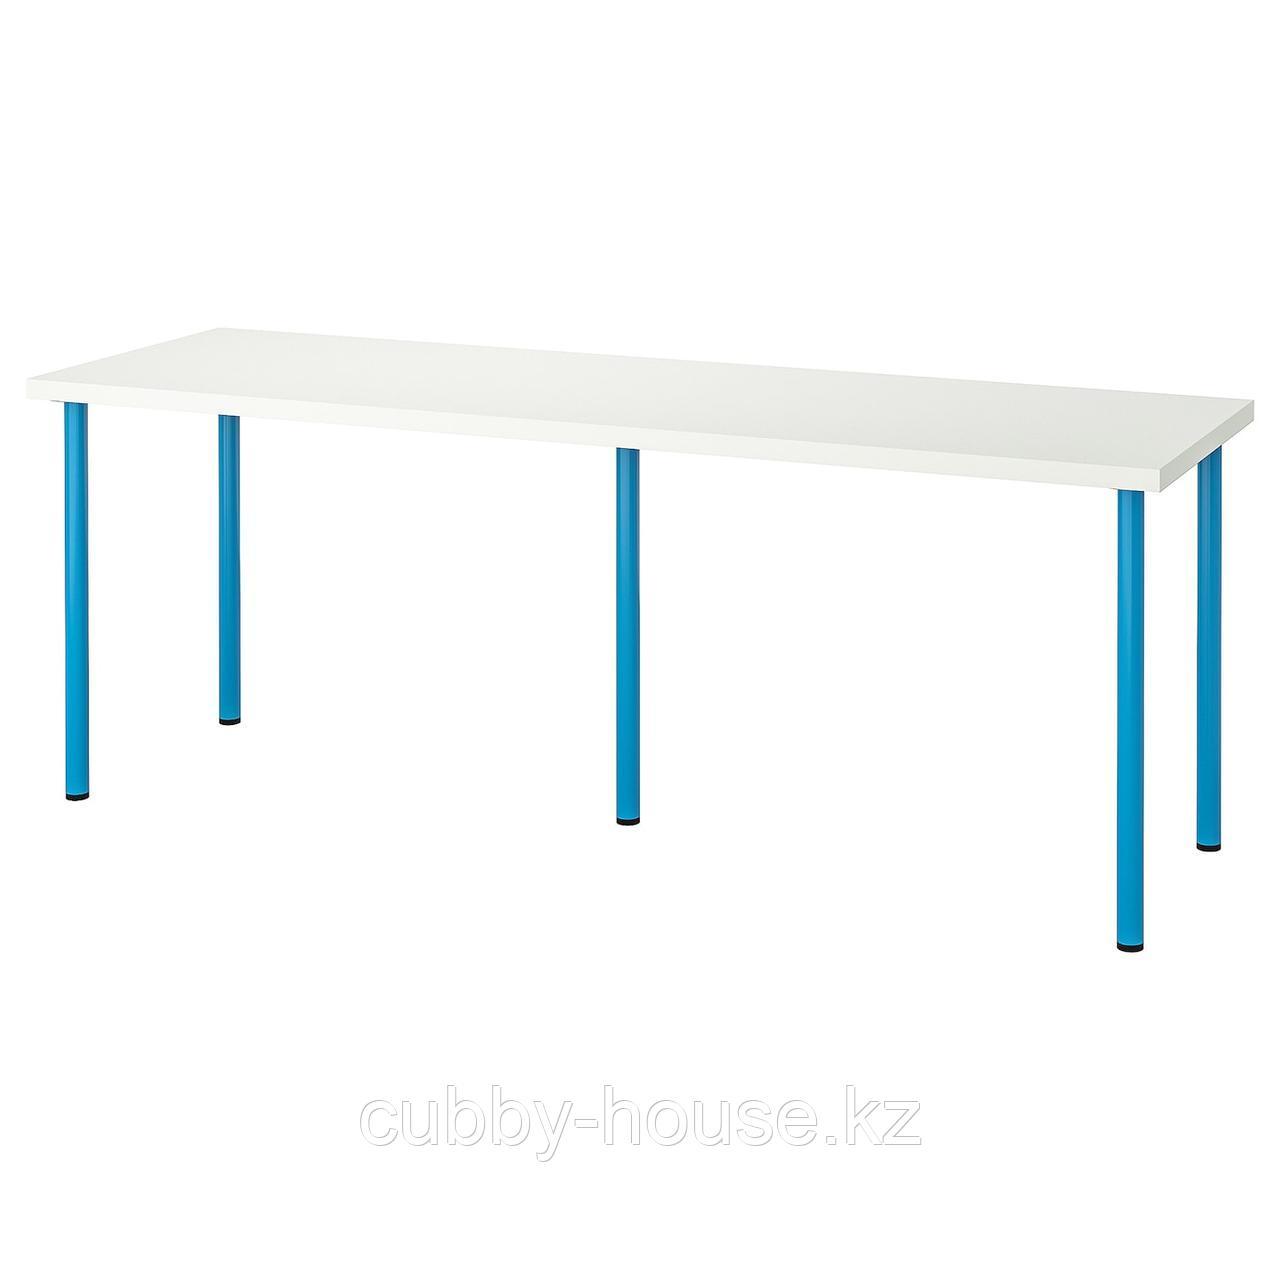 ЛИННМОН / АДИЛЬС Стол, белый, 200x60 см